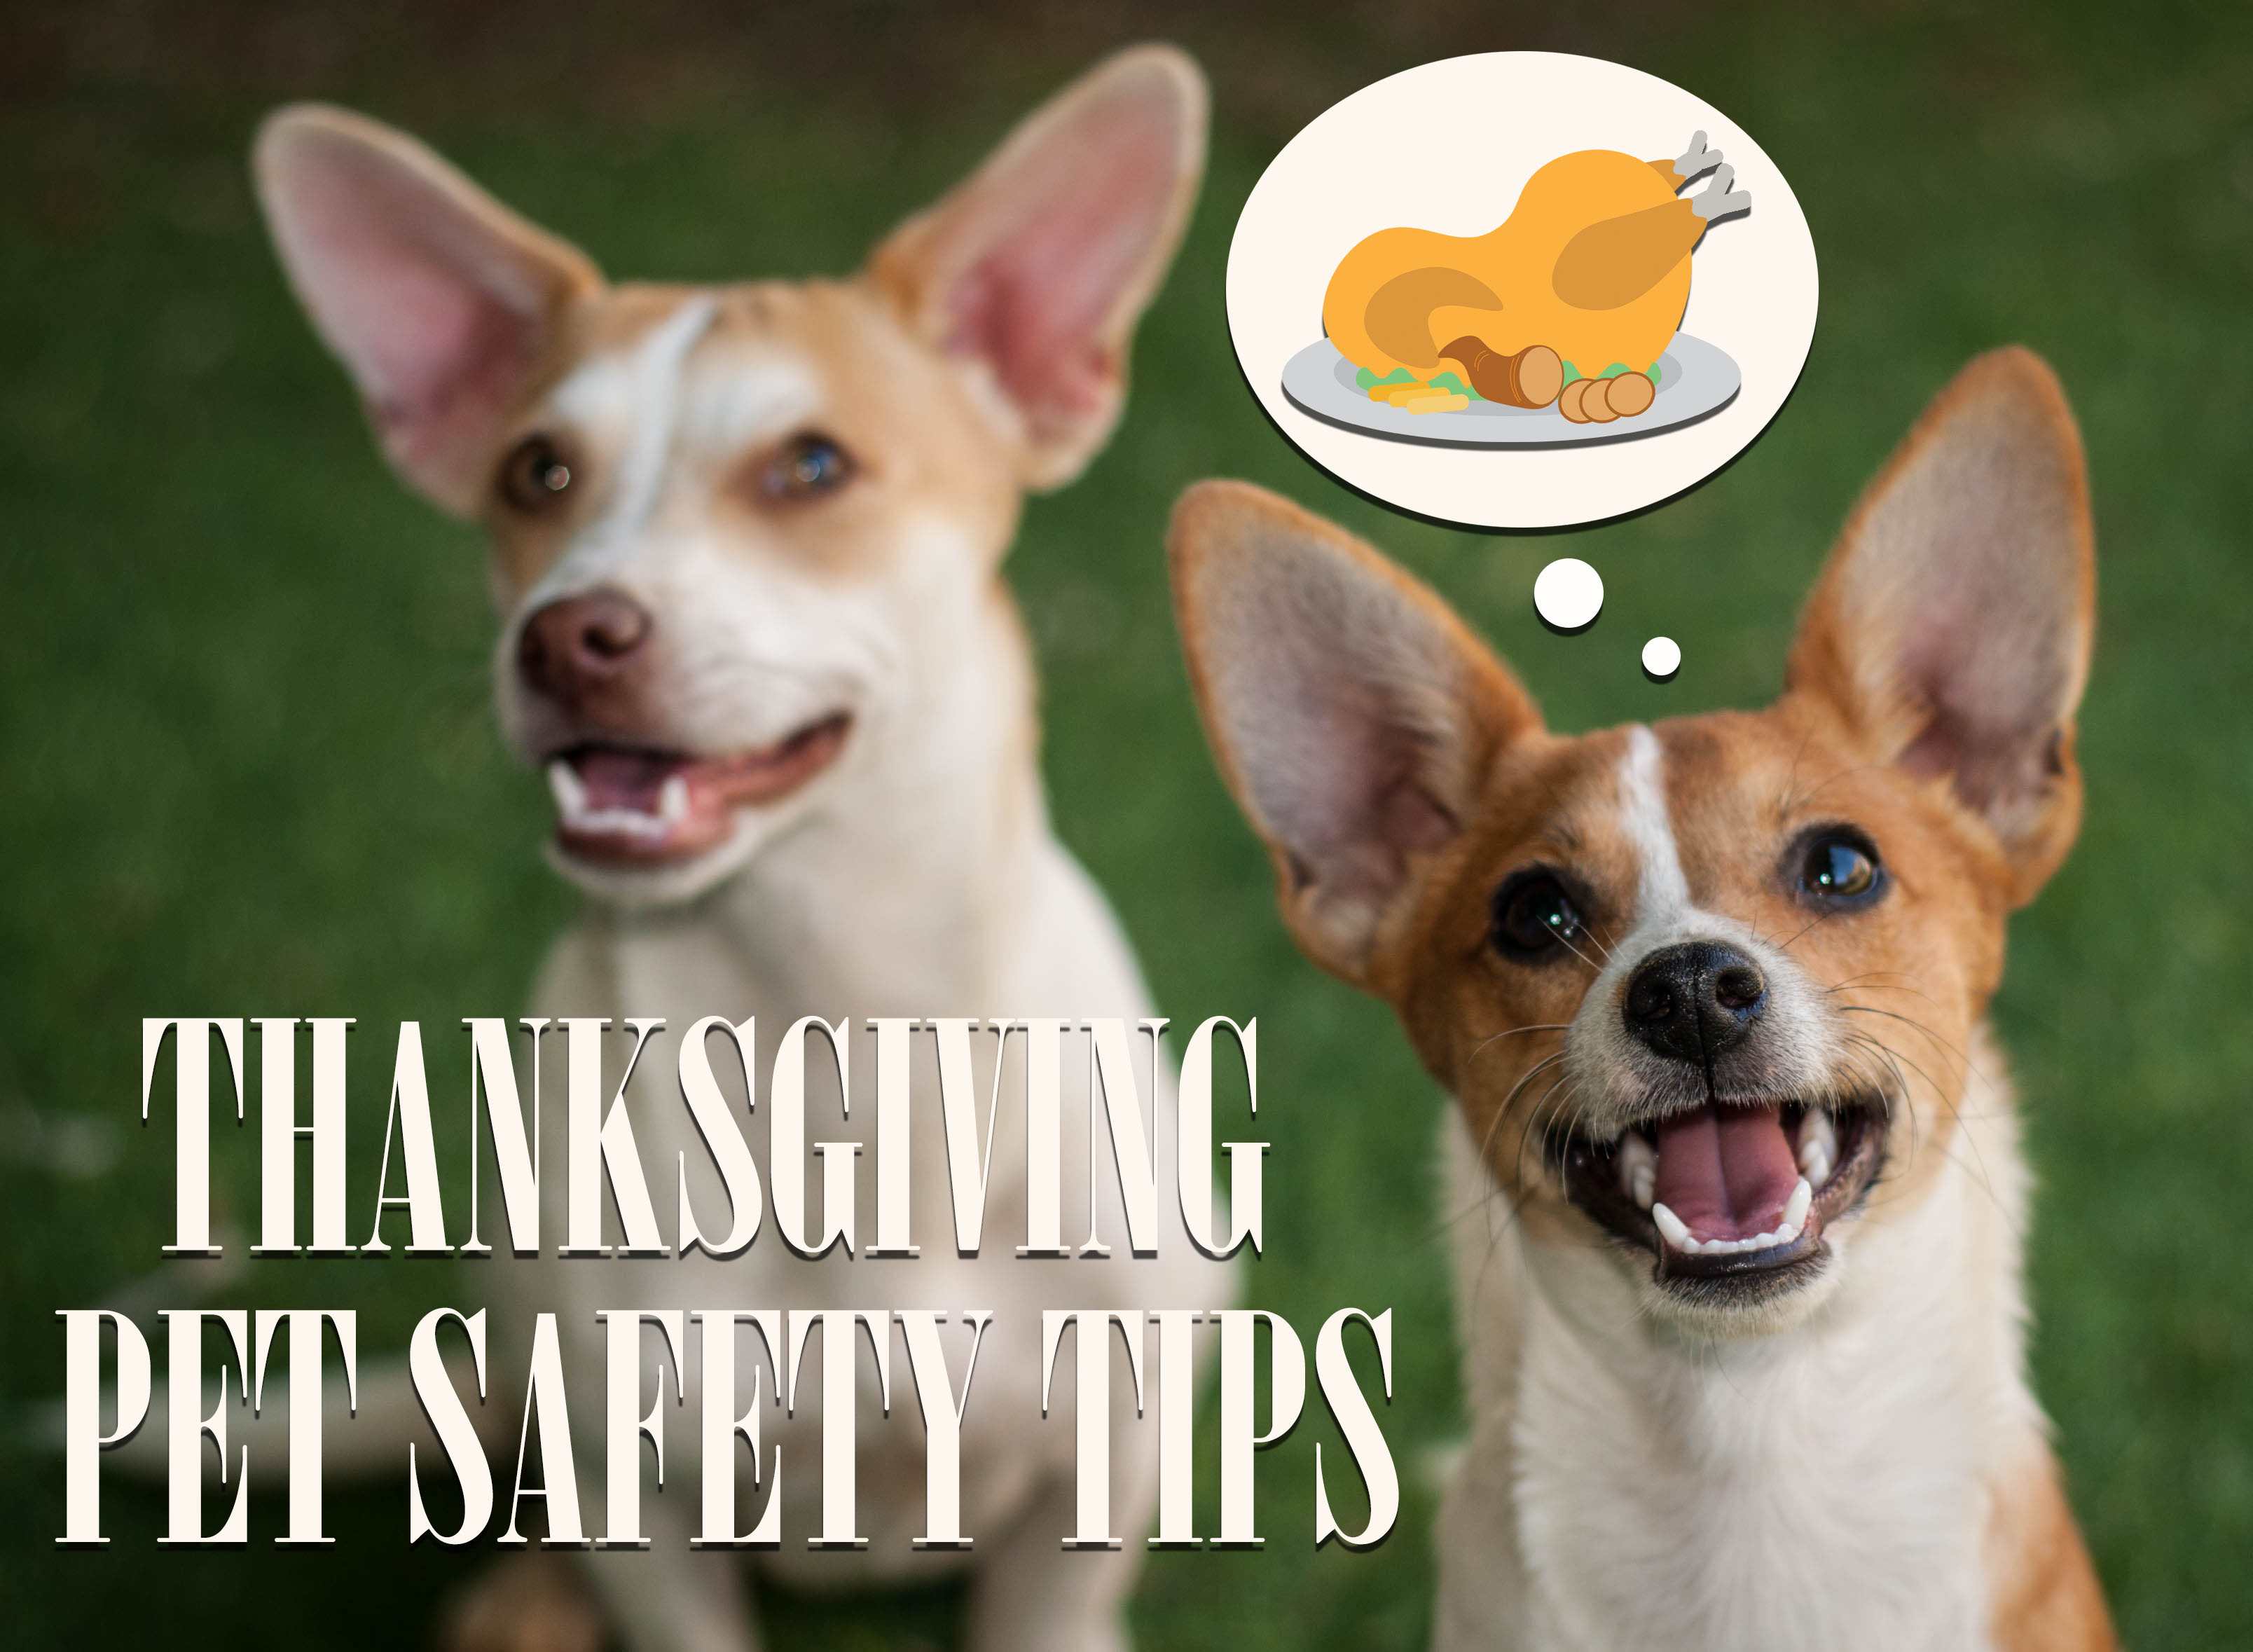 thanksgiving.pet.safety.jpg